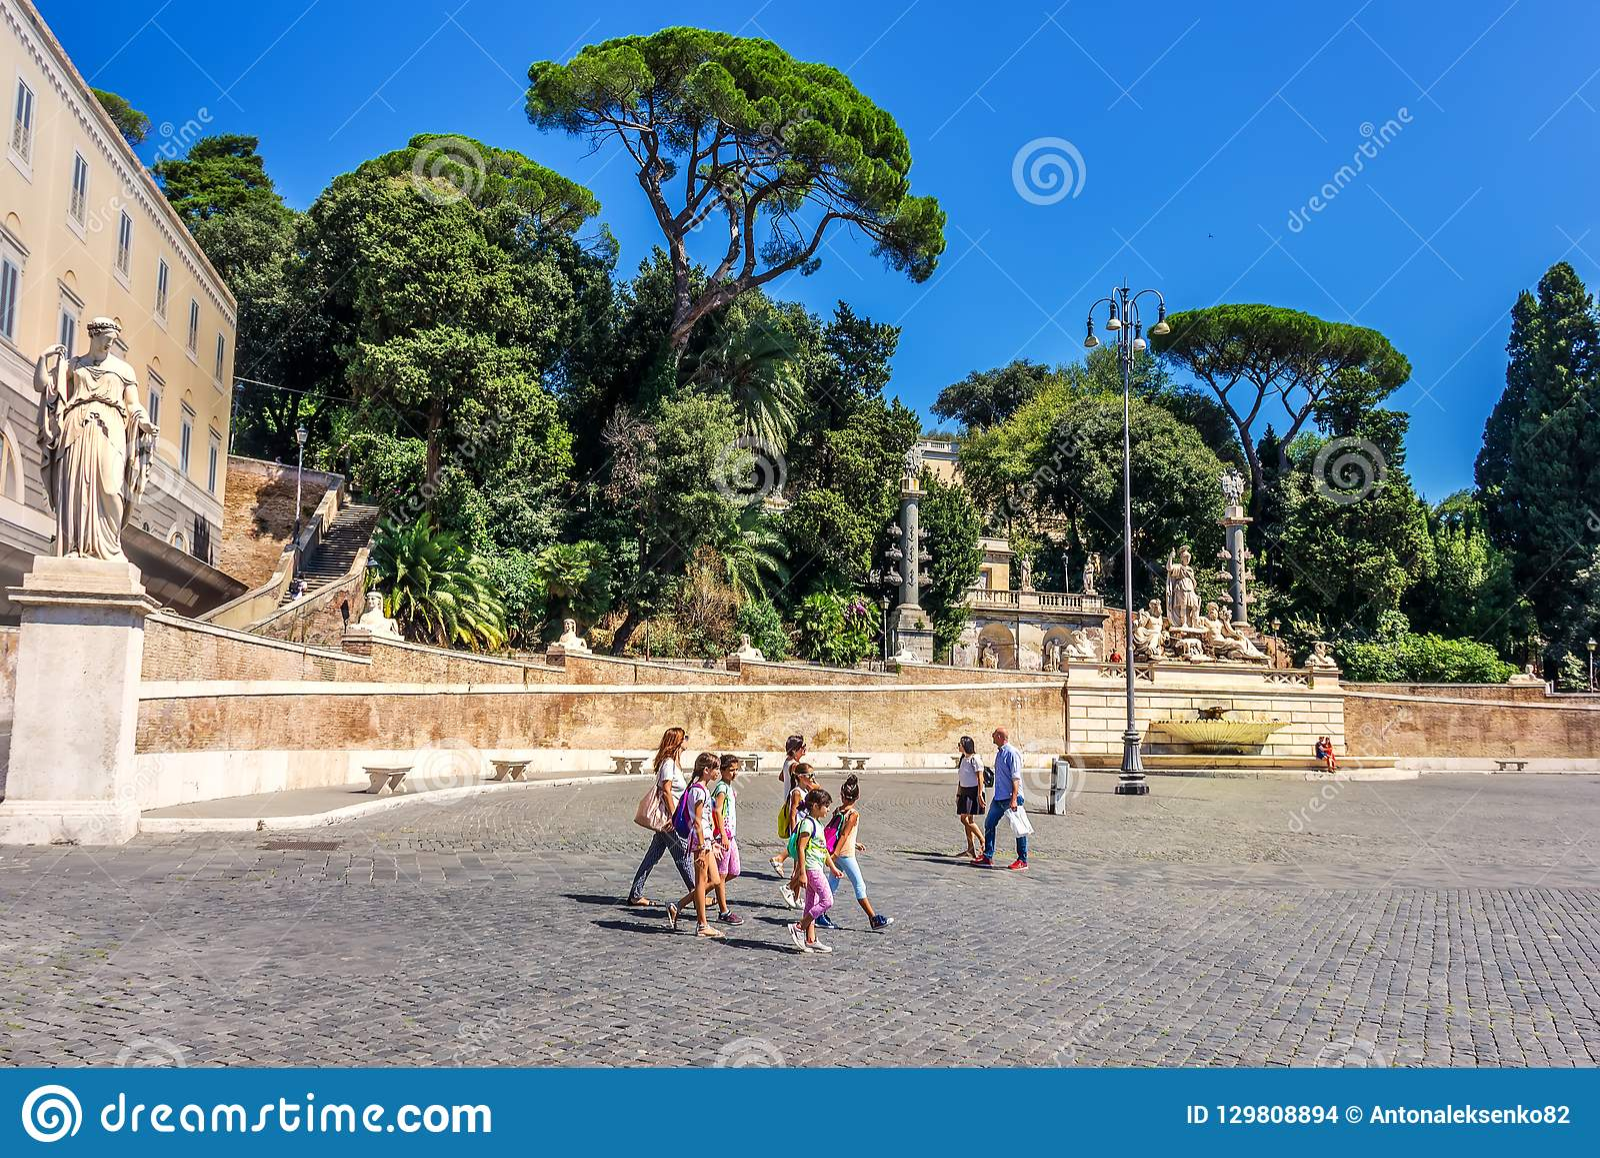 Rome/Italy - 28 August, 2018: Italian schoolgirls walking in Piazza del Popolo near the terrace